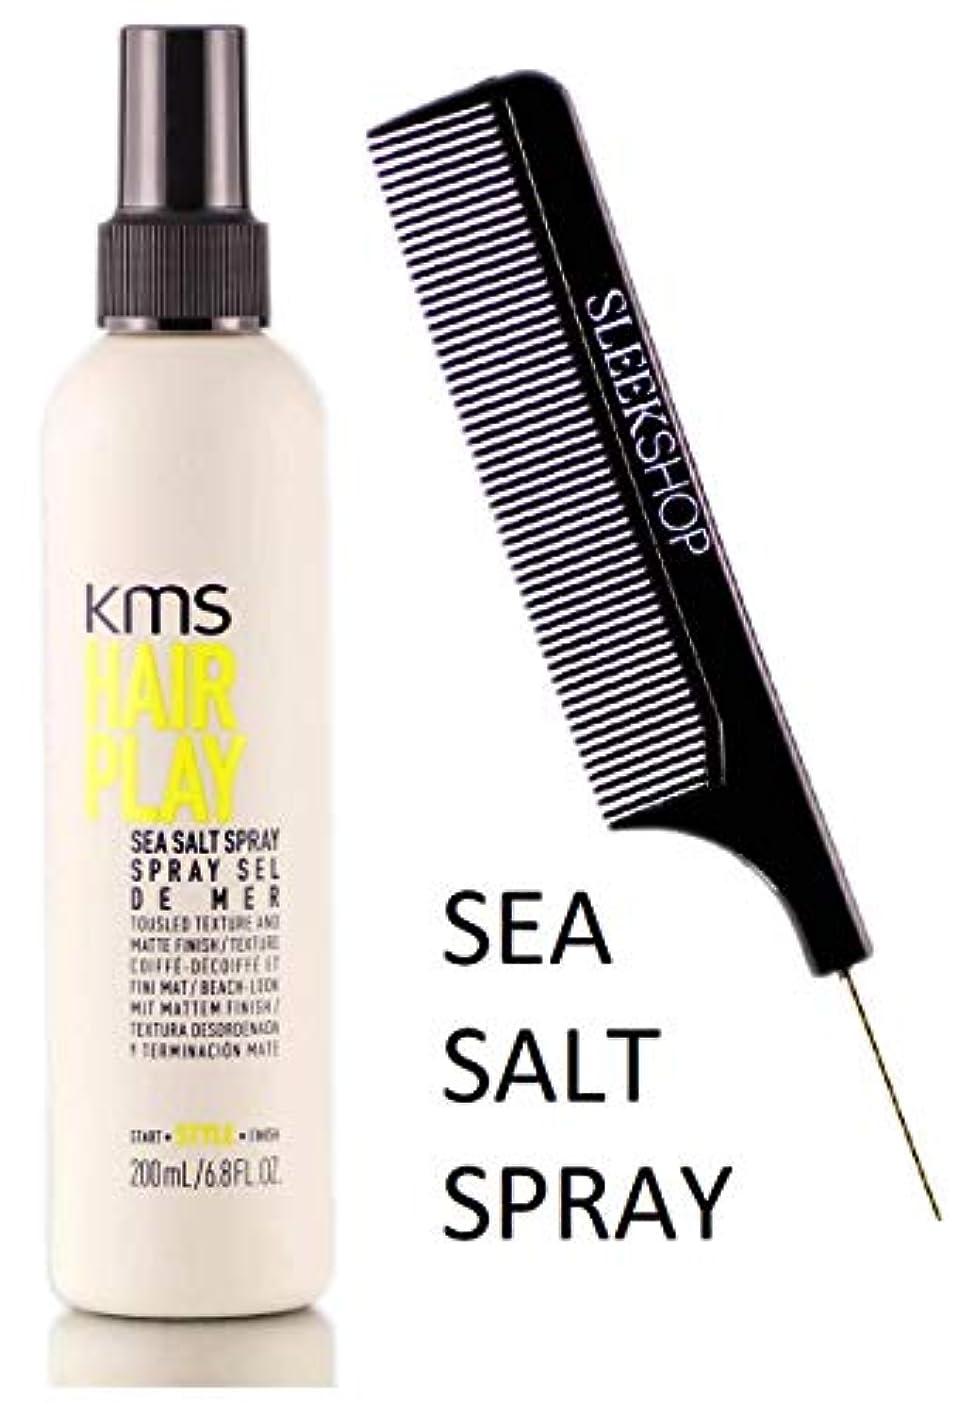 収益強制芽KMS 髪がSEA SALTスプレーを再生し、風になびく髪テクスチャ&マット仕上げ(STYLISTのKIT) 6.8オンス/ 200ミリリットル